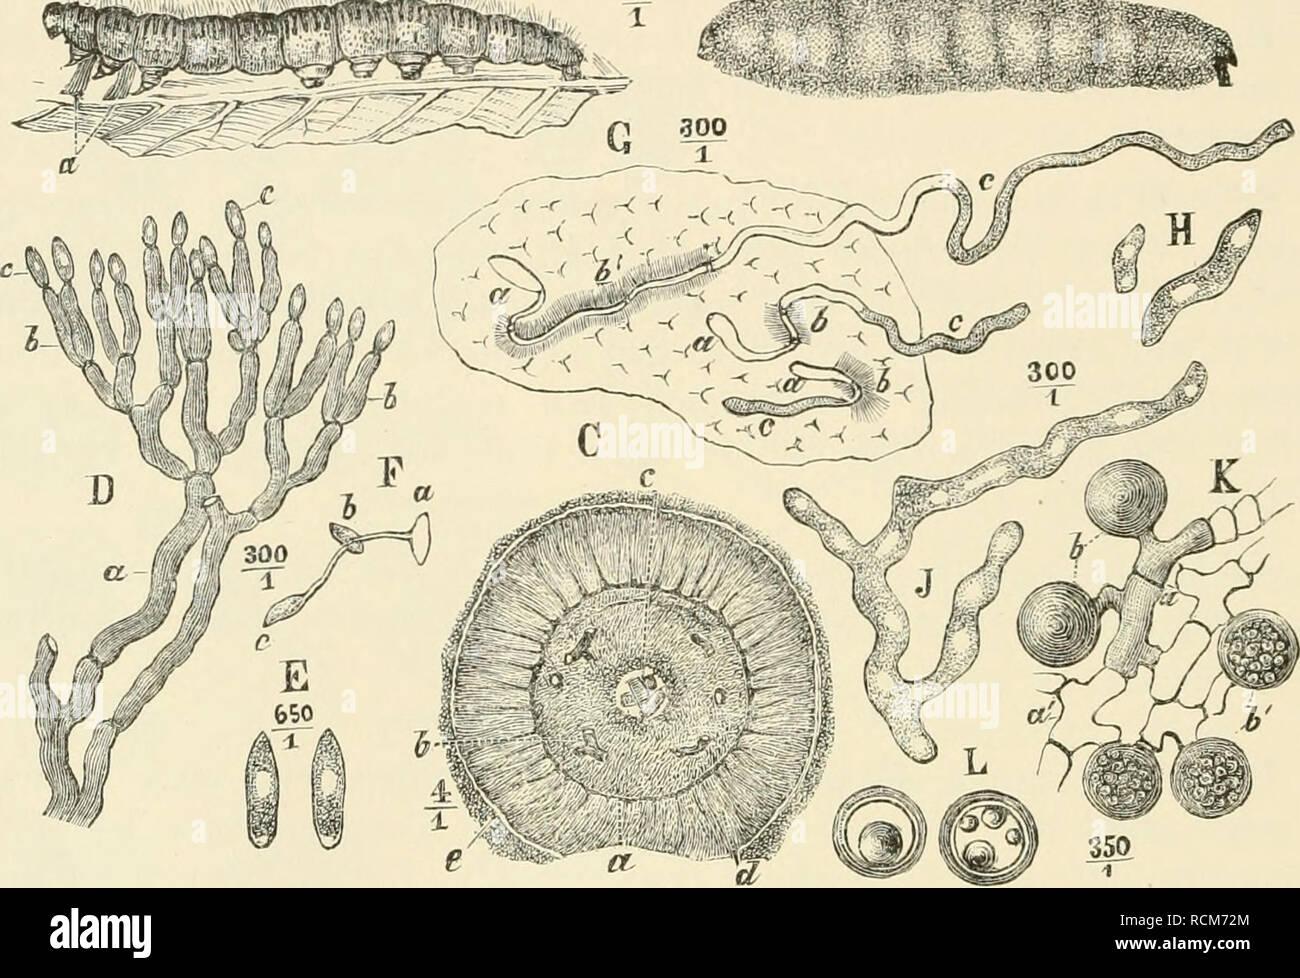 . Die forstinsekten Mitteleuropas. Ein Lehr- und handbuch. Alberi; Insetti Utili. 264 Kapitel 1.. Natürliche Beschränkung der Insektenvermehrung. durchsetzt nun fortwachsend und sich in mehrere Zellen gliedernd, von denen nur die vorderste Protoplasma enthält, die Leibeswand der Raupe, bis er allmählich - gewöhnlich am dritten Tage - in dem Fettkörper anlangt. Hier wächst nun die Endzelle auf Kosten des Fettkörpers, den sie mit onu- glaublicher Schnelligkeit durchwuchert, zu einem verästelten und verfilzten Mycel aus (Fig. 200, J). Jetzt beginnt die schon erwähnte Trägheit der bis dahin un Foto Stock